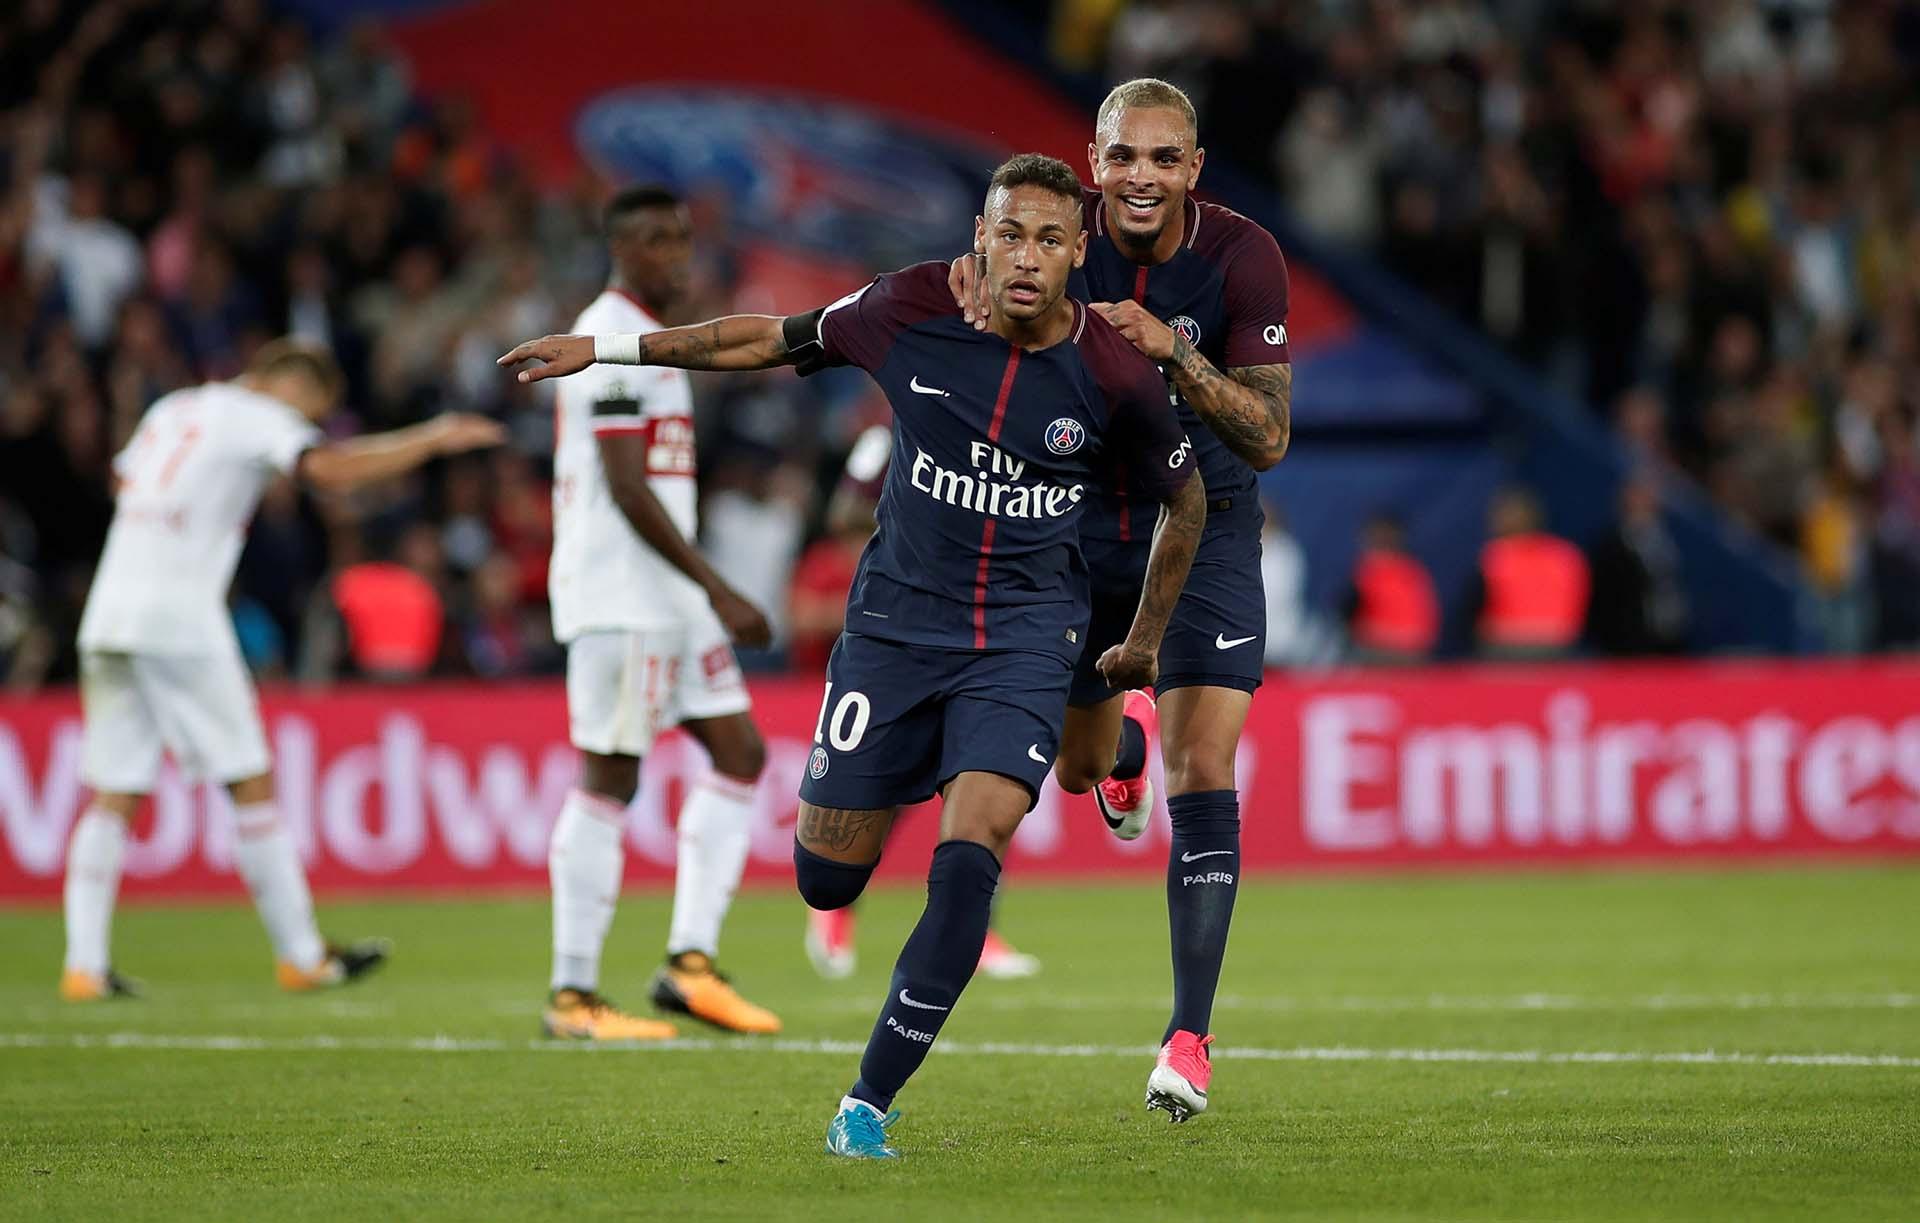 El tiempo dirá si Neymar eligió bien en irse del Barcelona